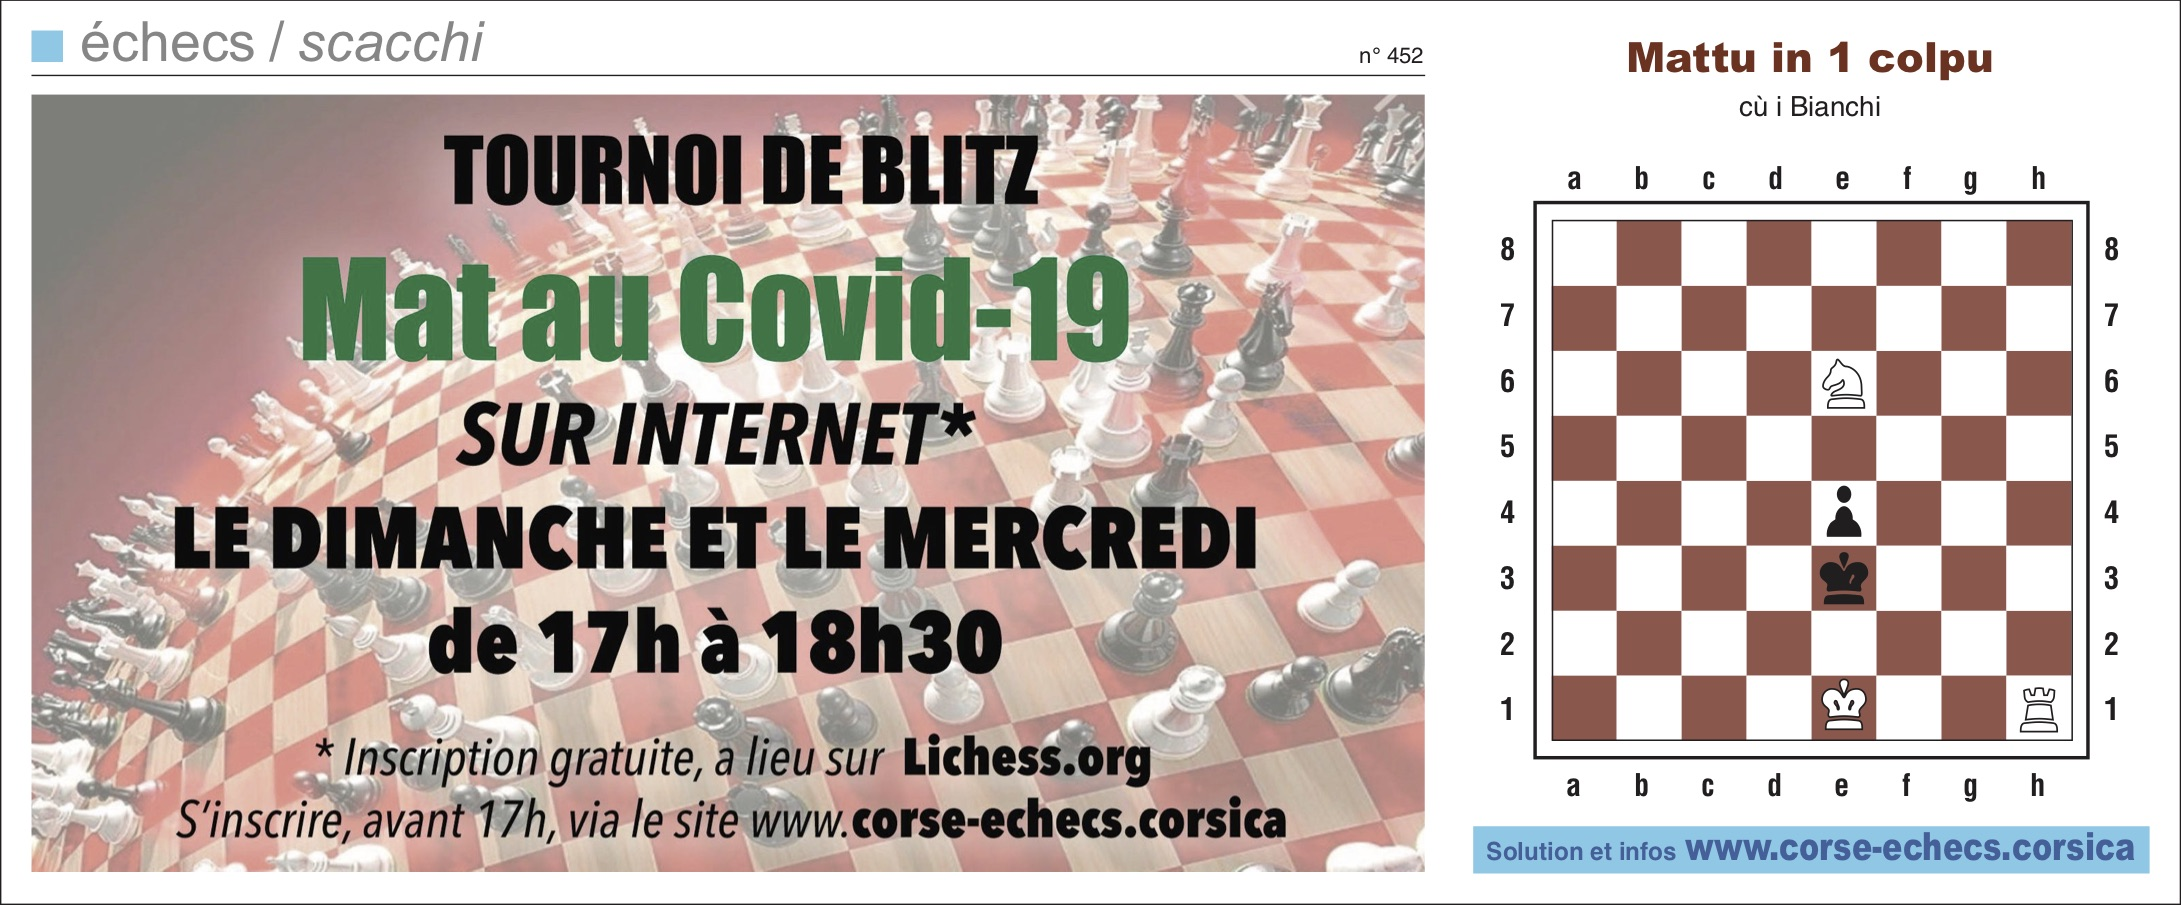 Corse-Matin du 24 mai 2020